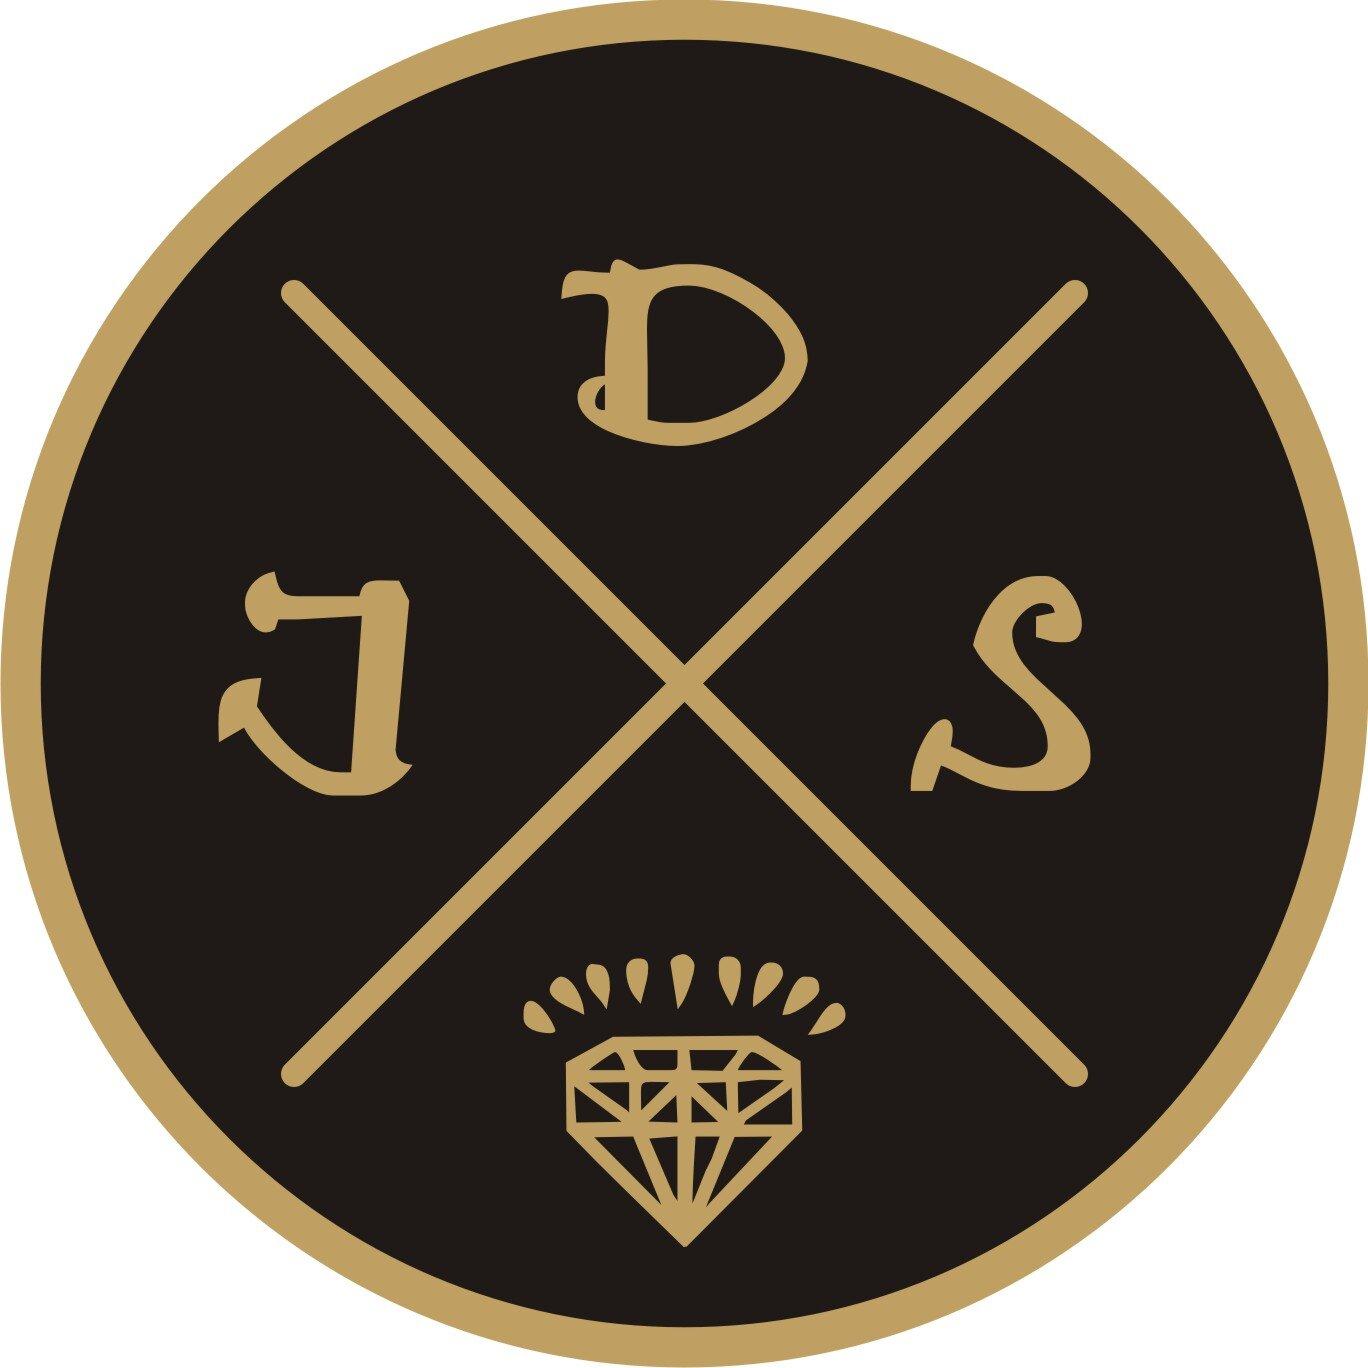 jds-logo